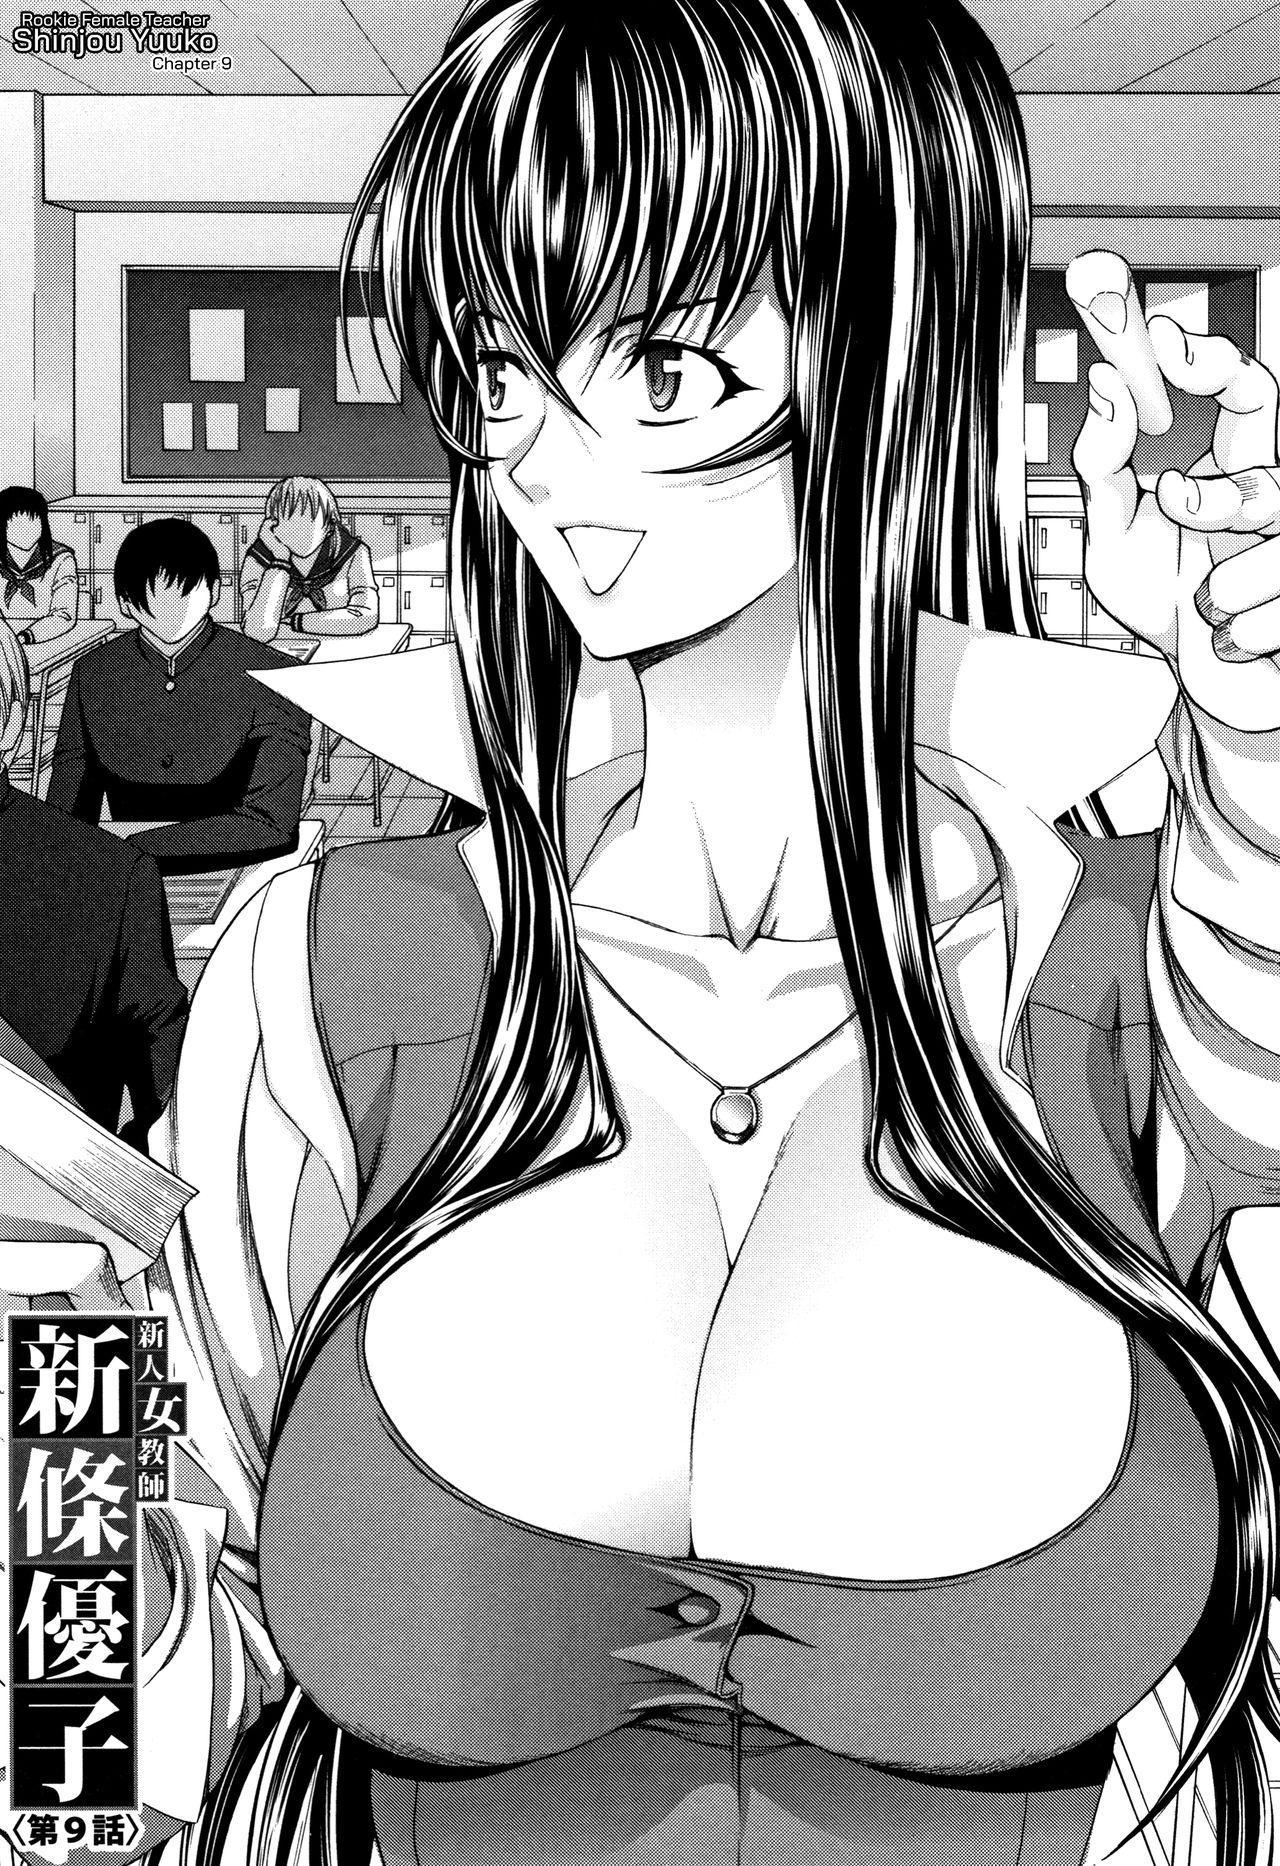 Shinjin Onna Kyoushi Shinjou Yuuko 95